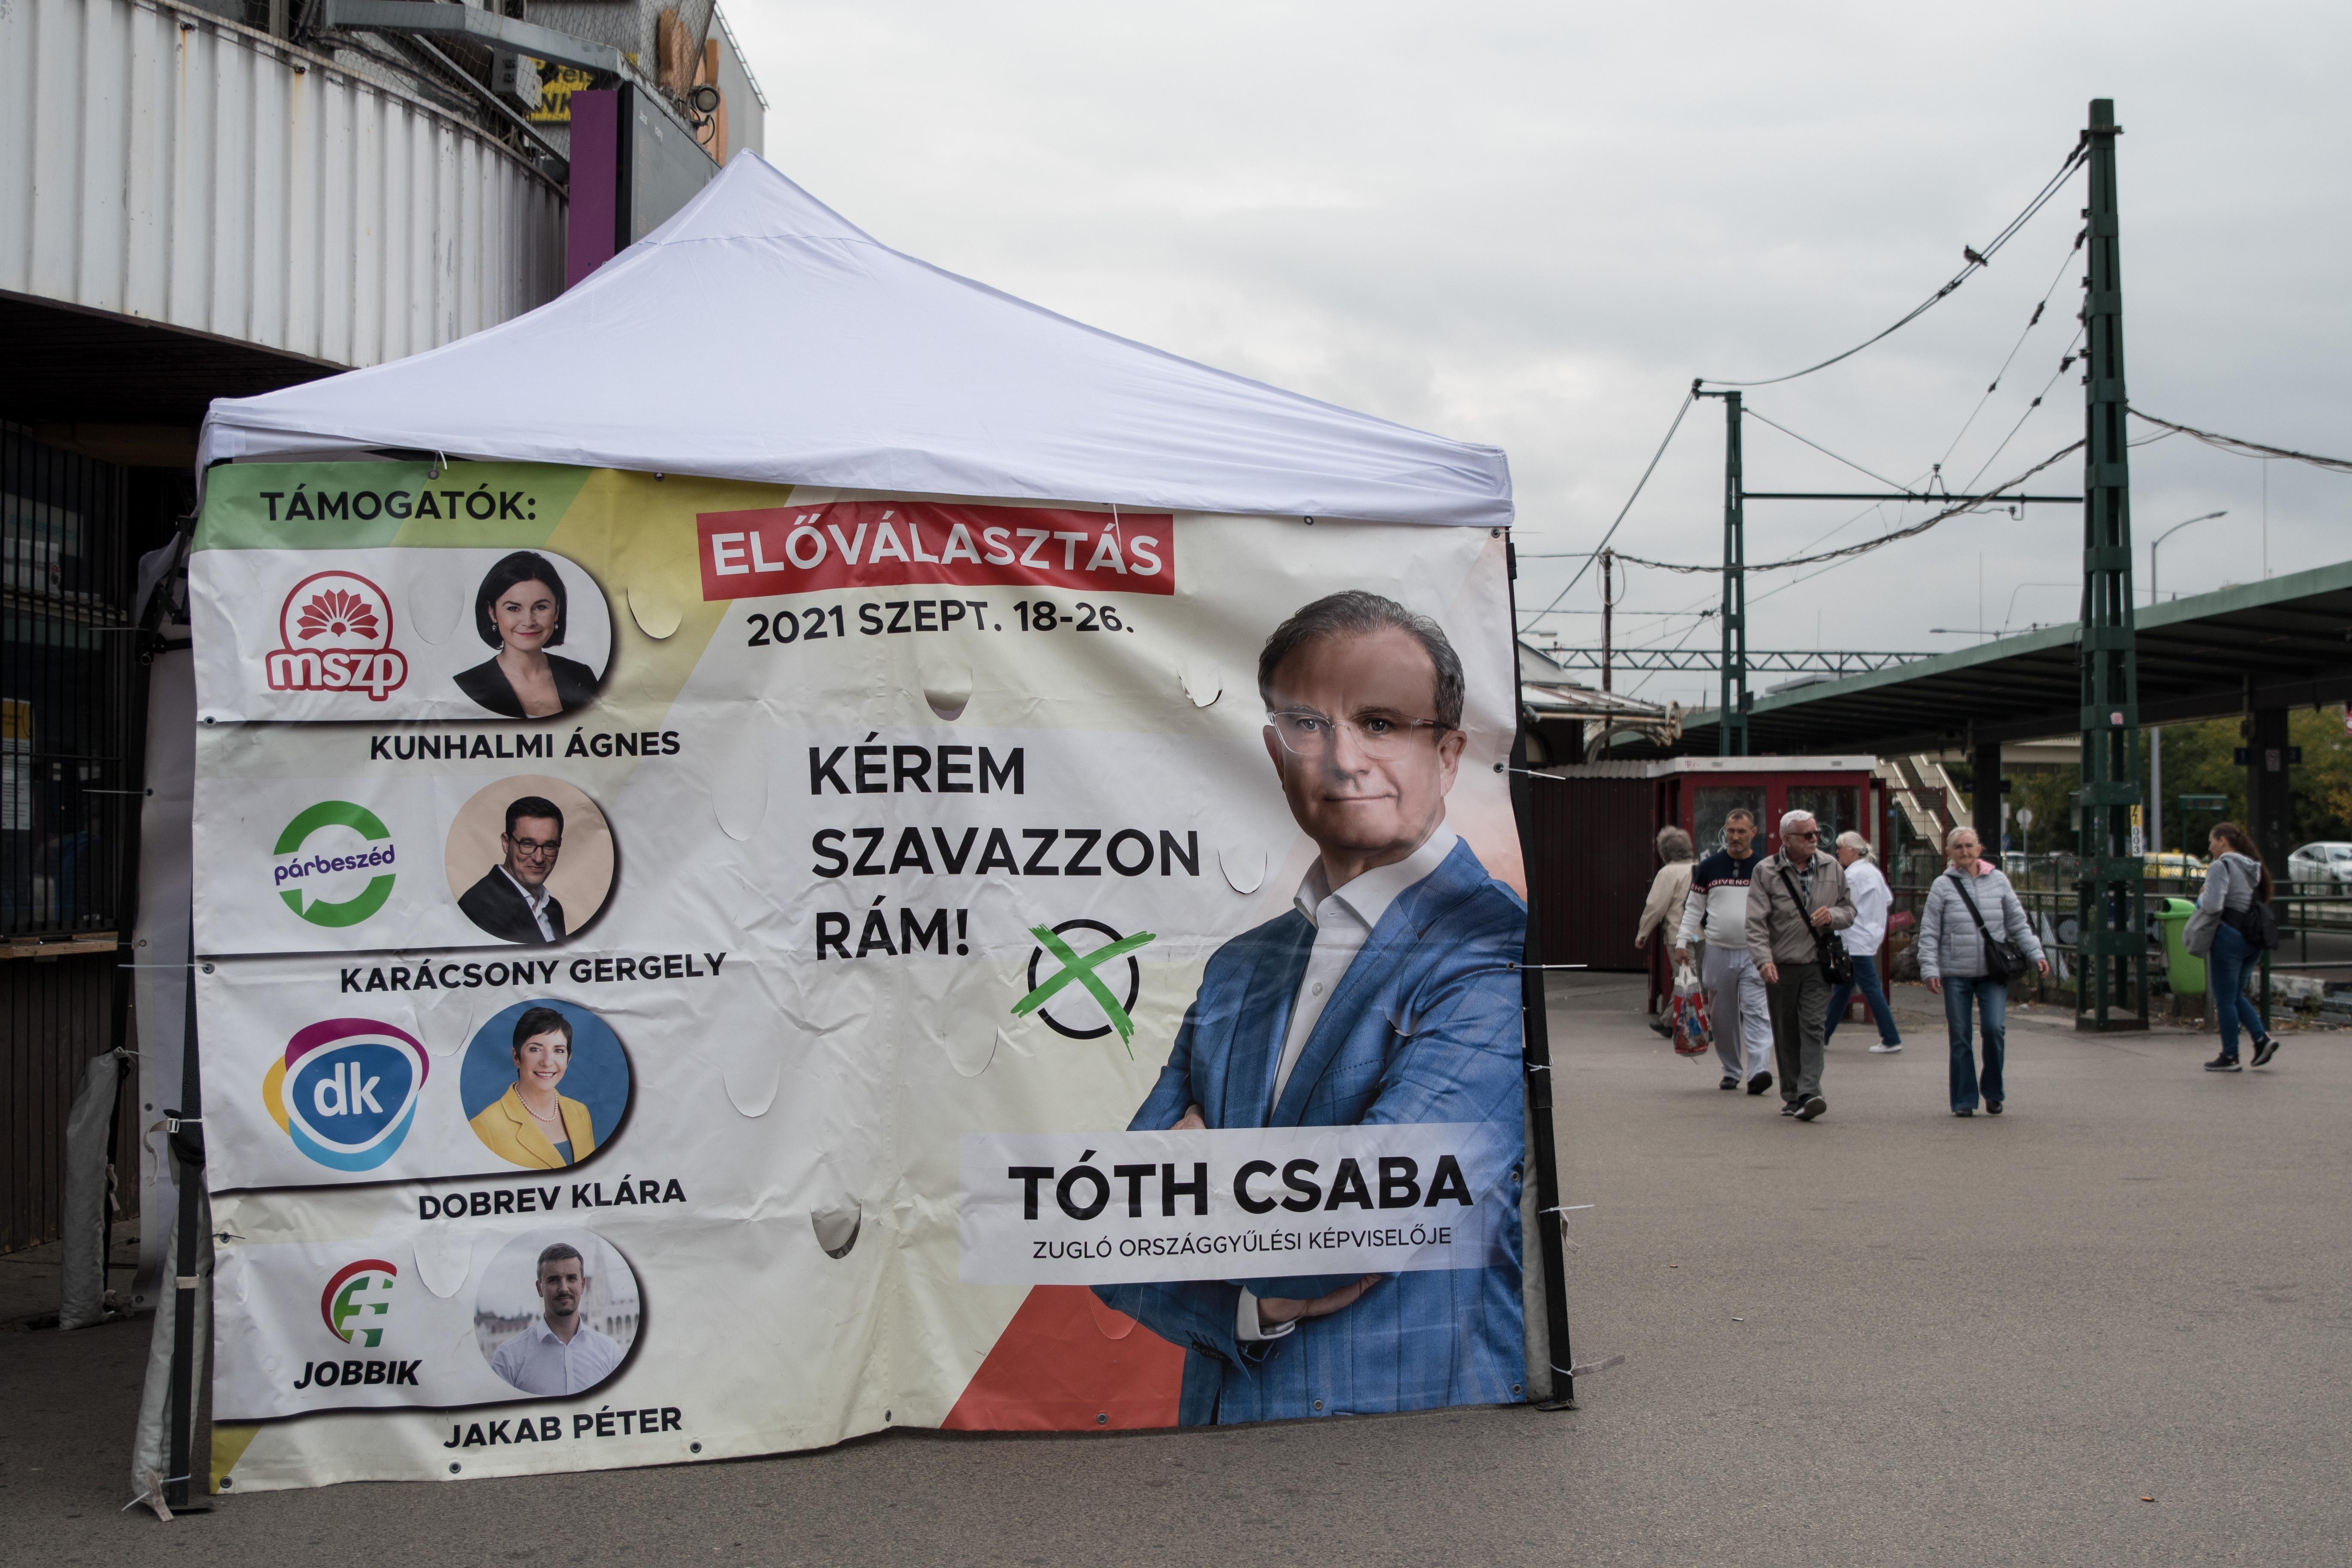 Idősklubban kampányolt Tóth Csaba, elmarasztalta az Országos Előválasztási Bizottság